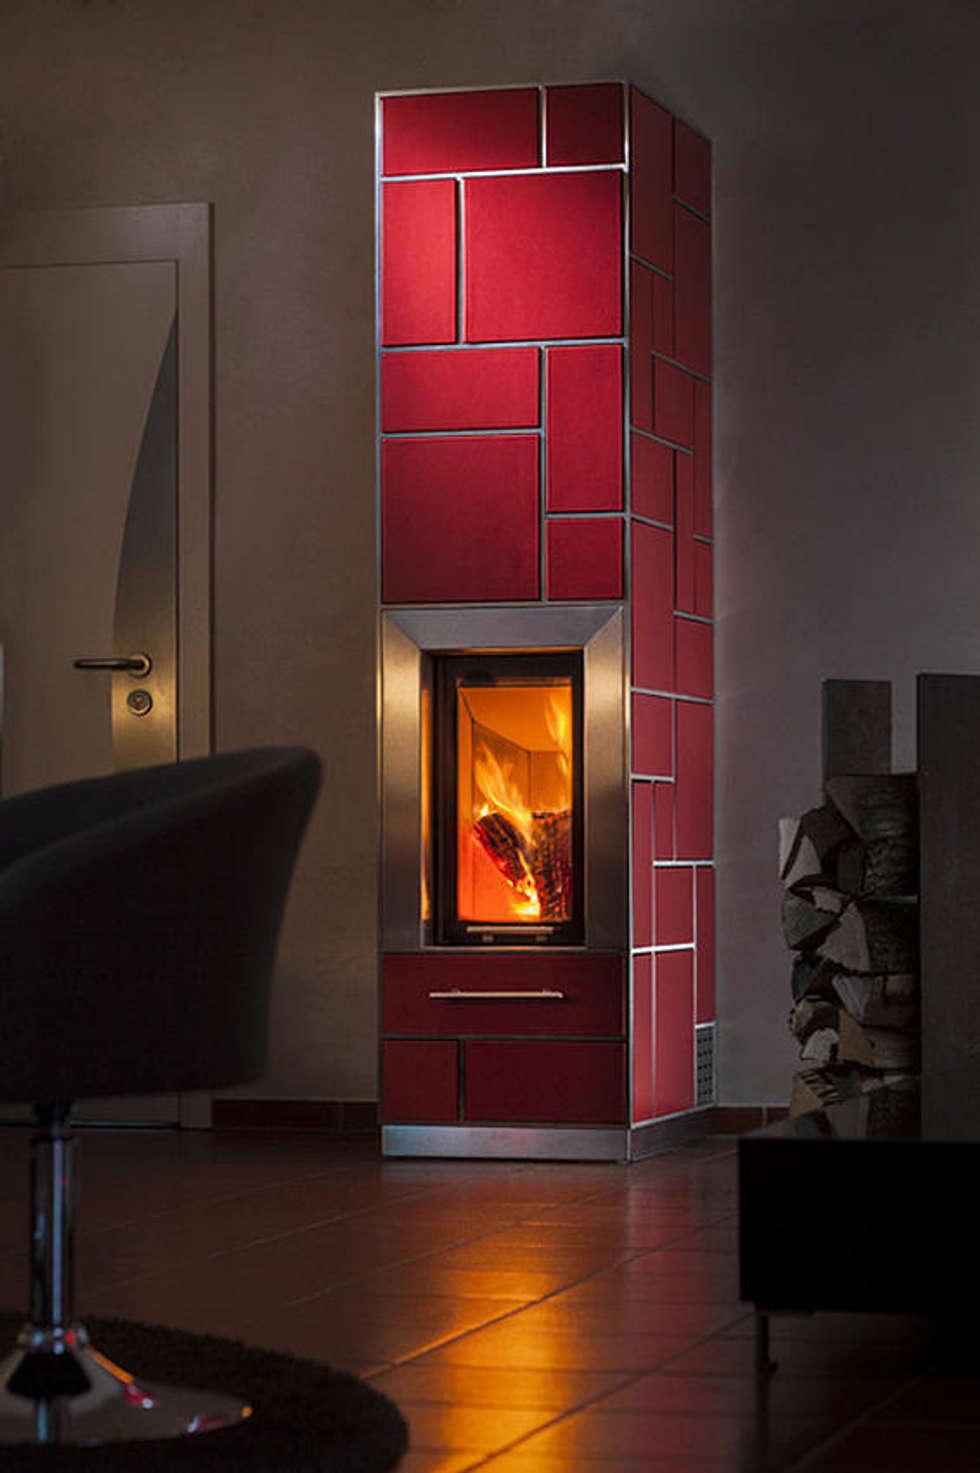 ausgefallene wohnzimmer bilder: edelstahl – heizkamin | homify, Hause deko